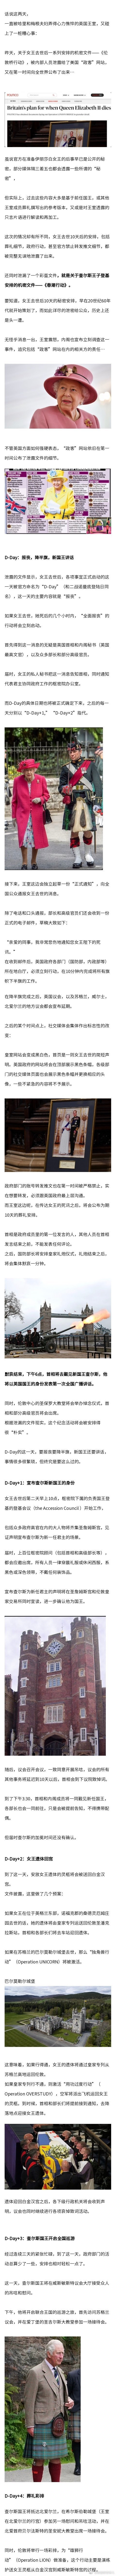 """英国女王离世预案 代号""""伦敦桥""""绝密行动曝光"""